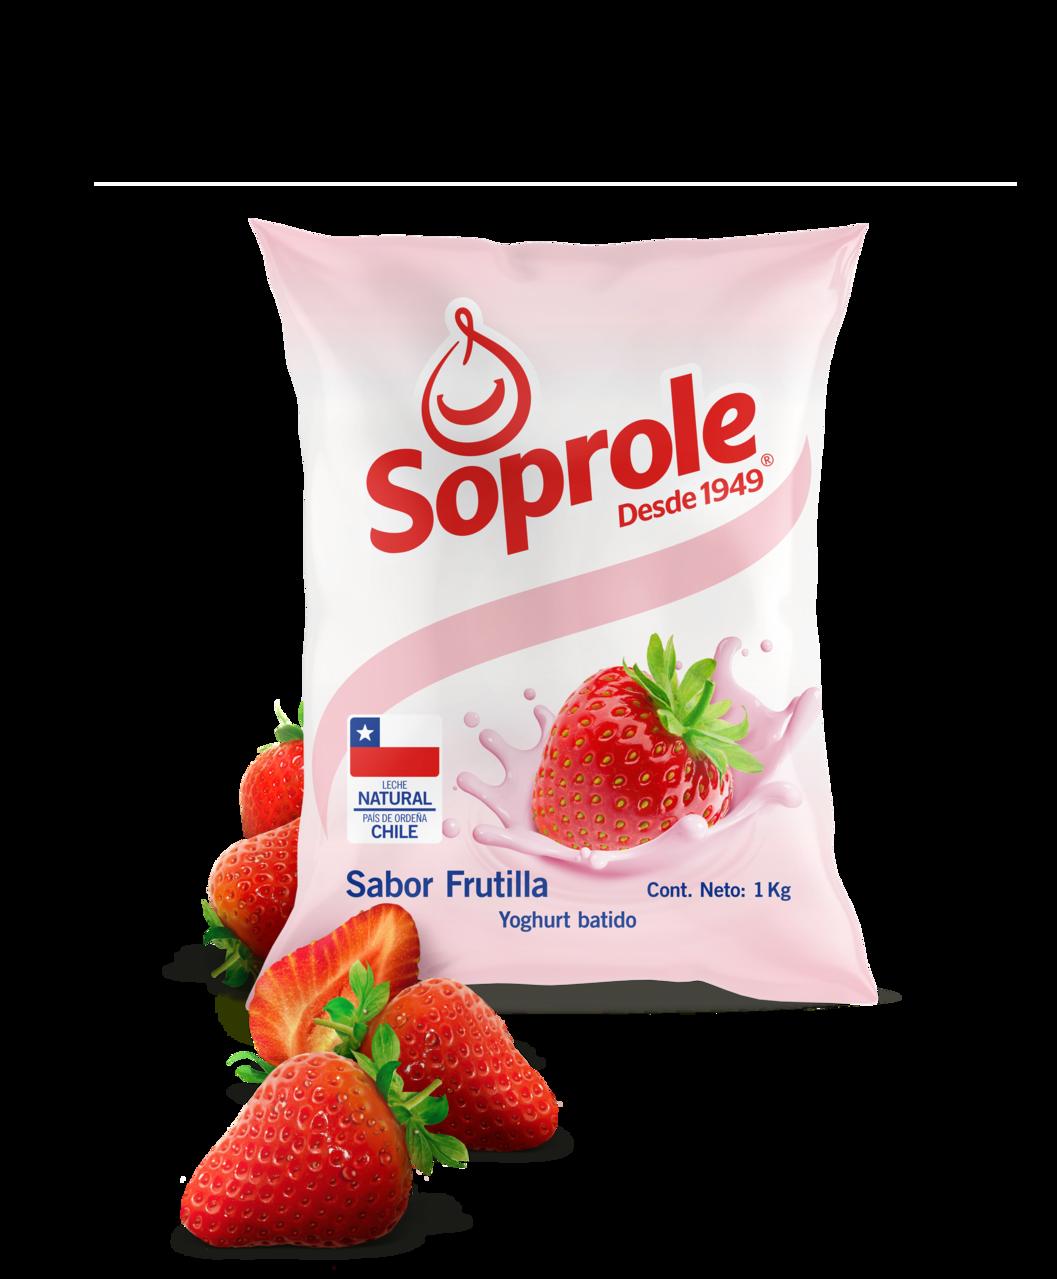 Soprole Yoghurt sabor Frutilla 1L